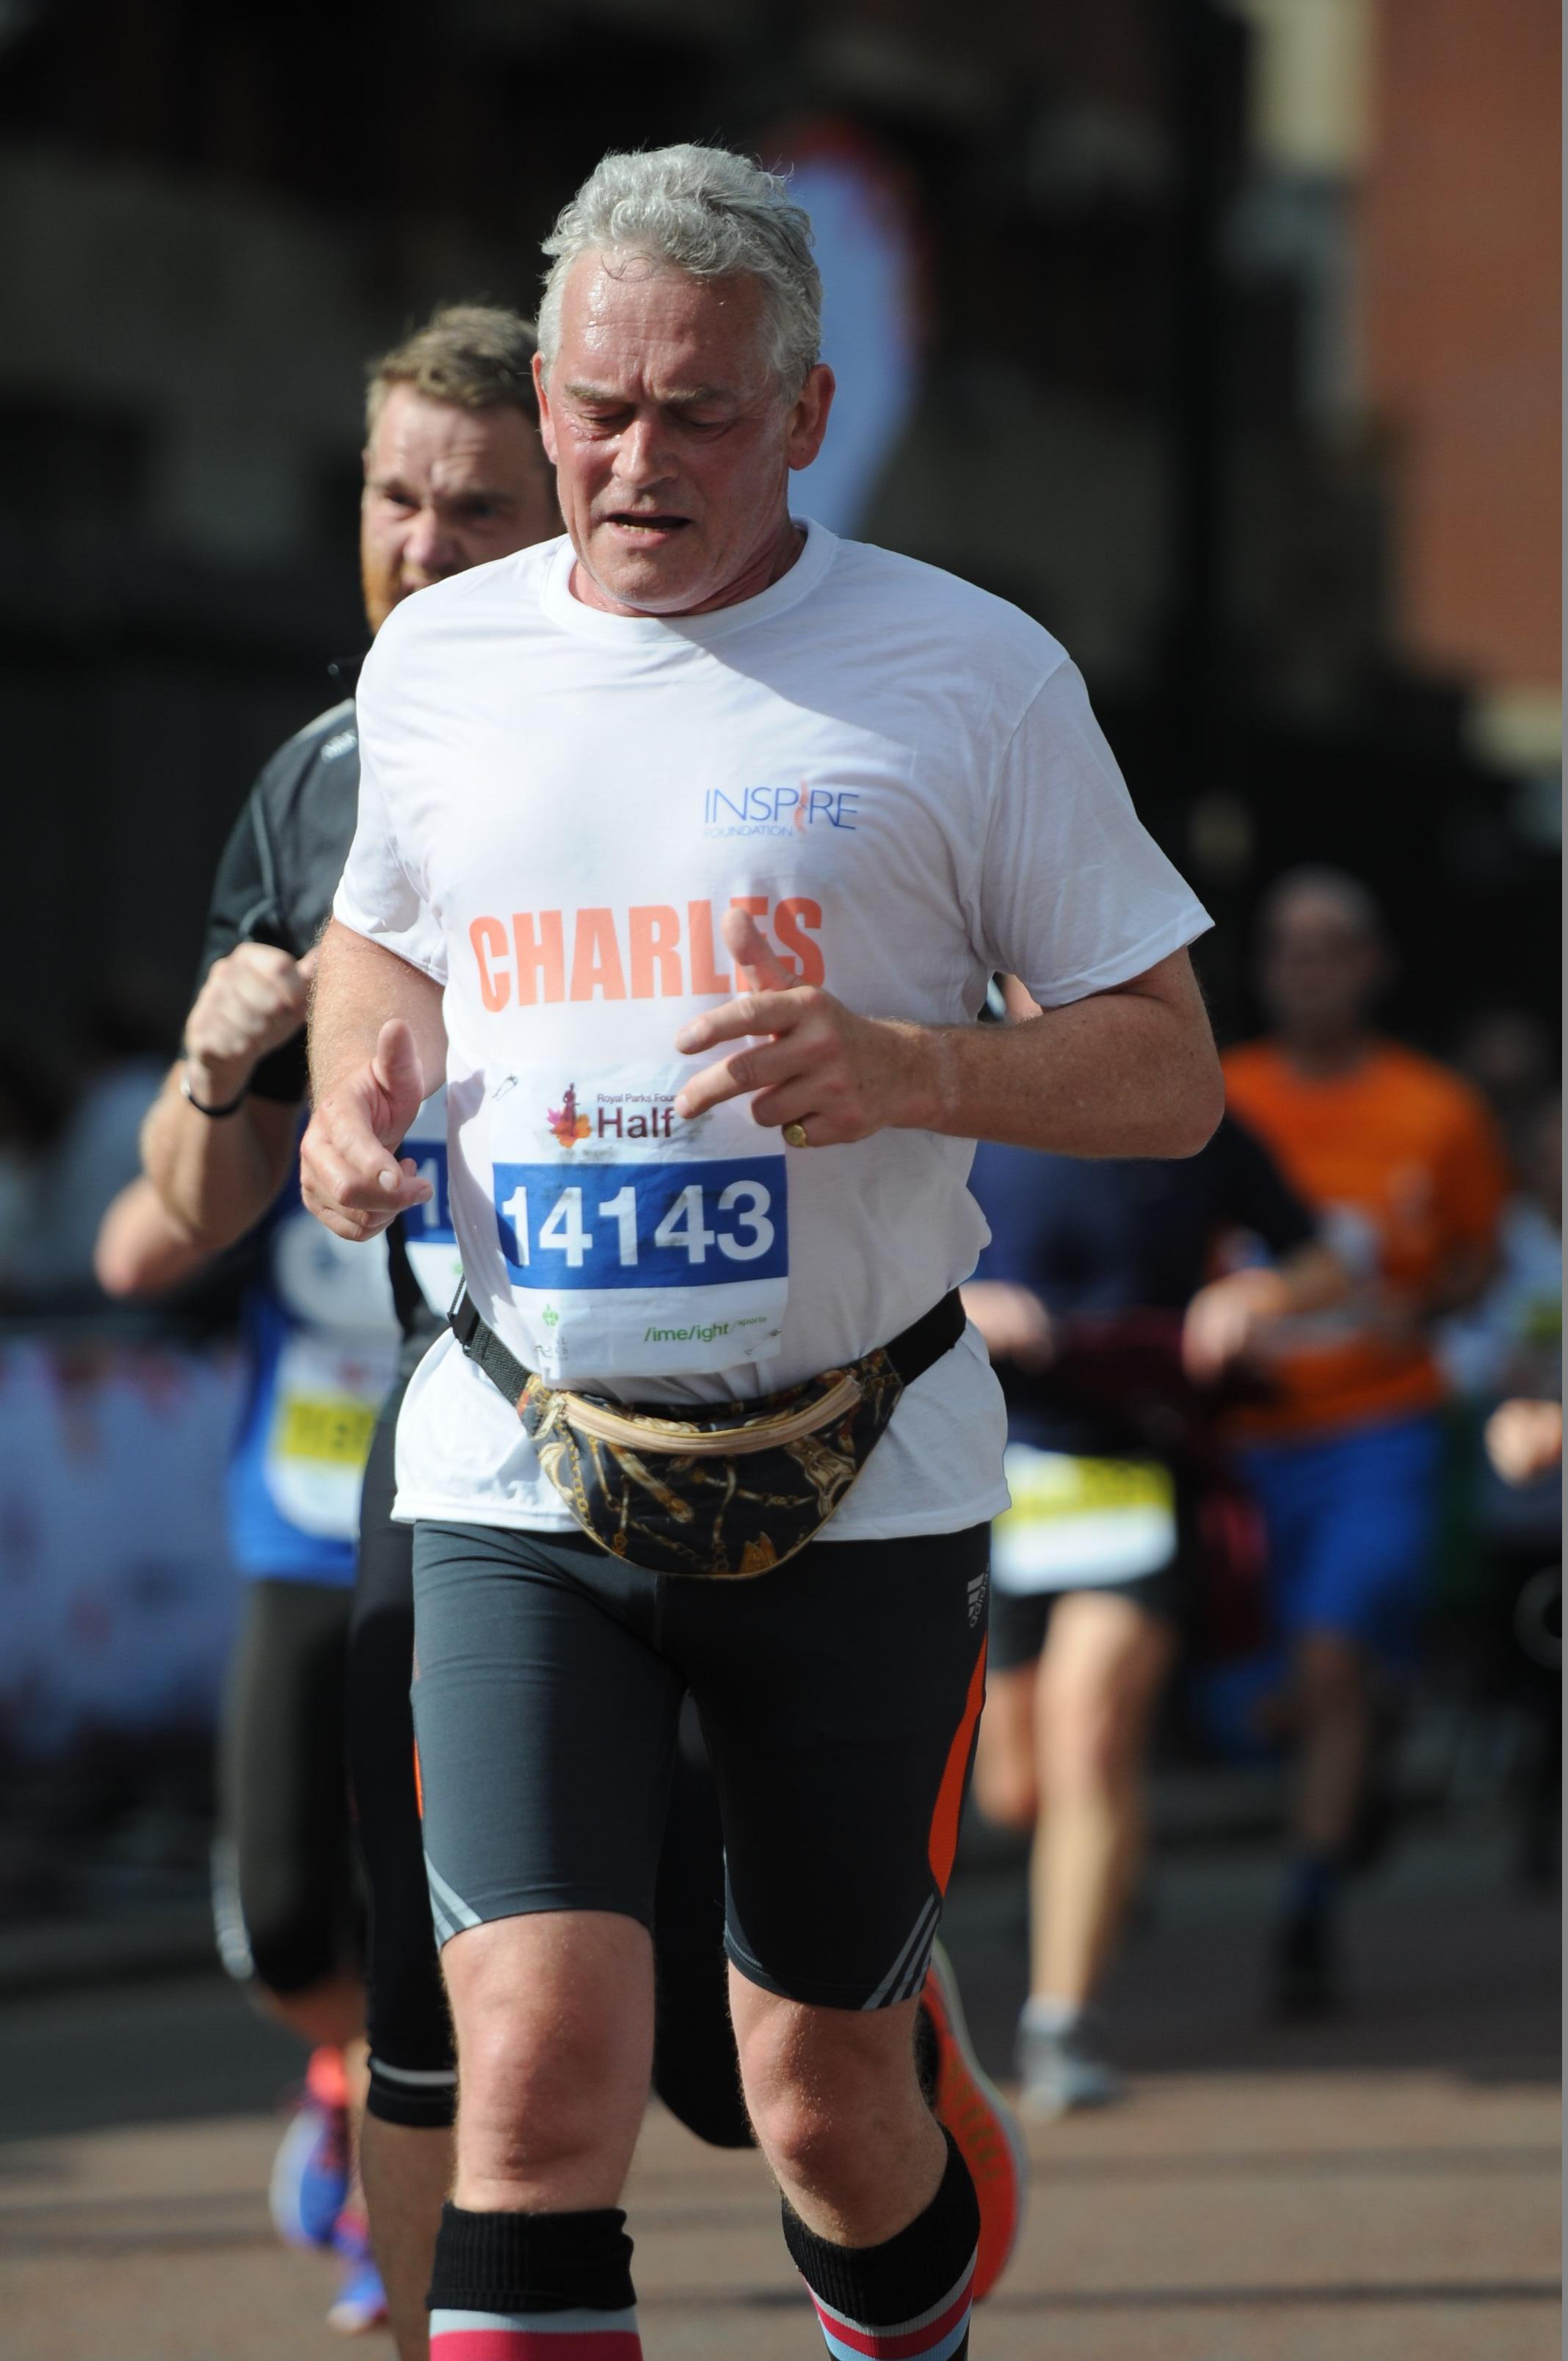 Charles Ryan - running